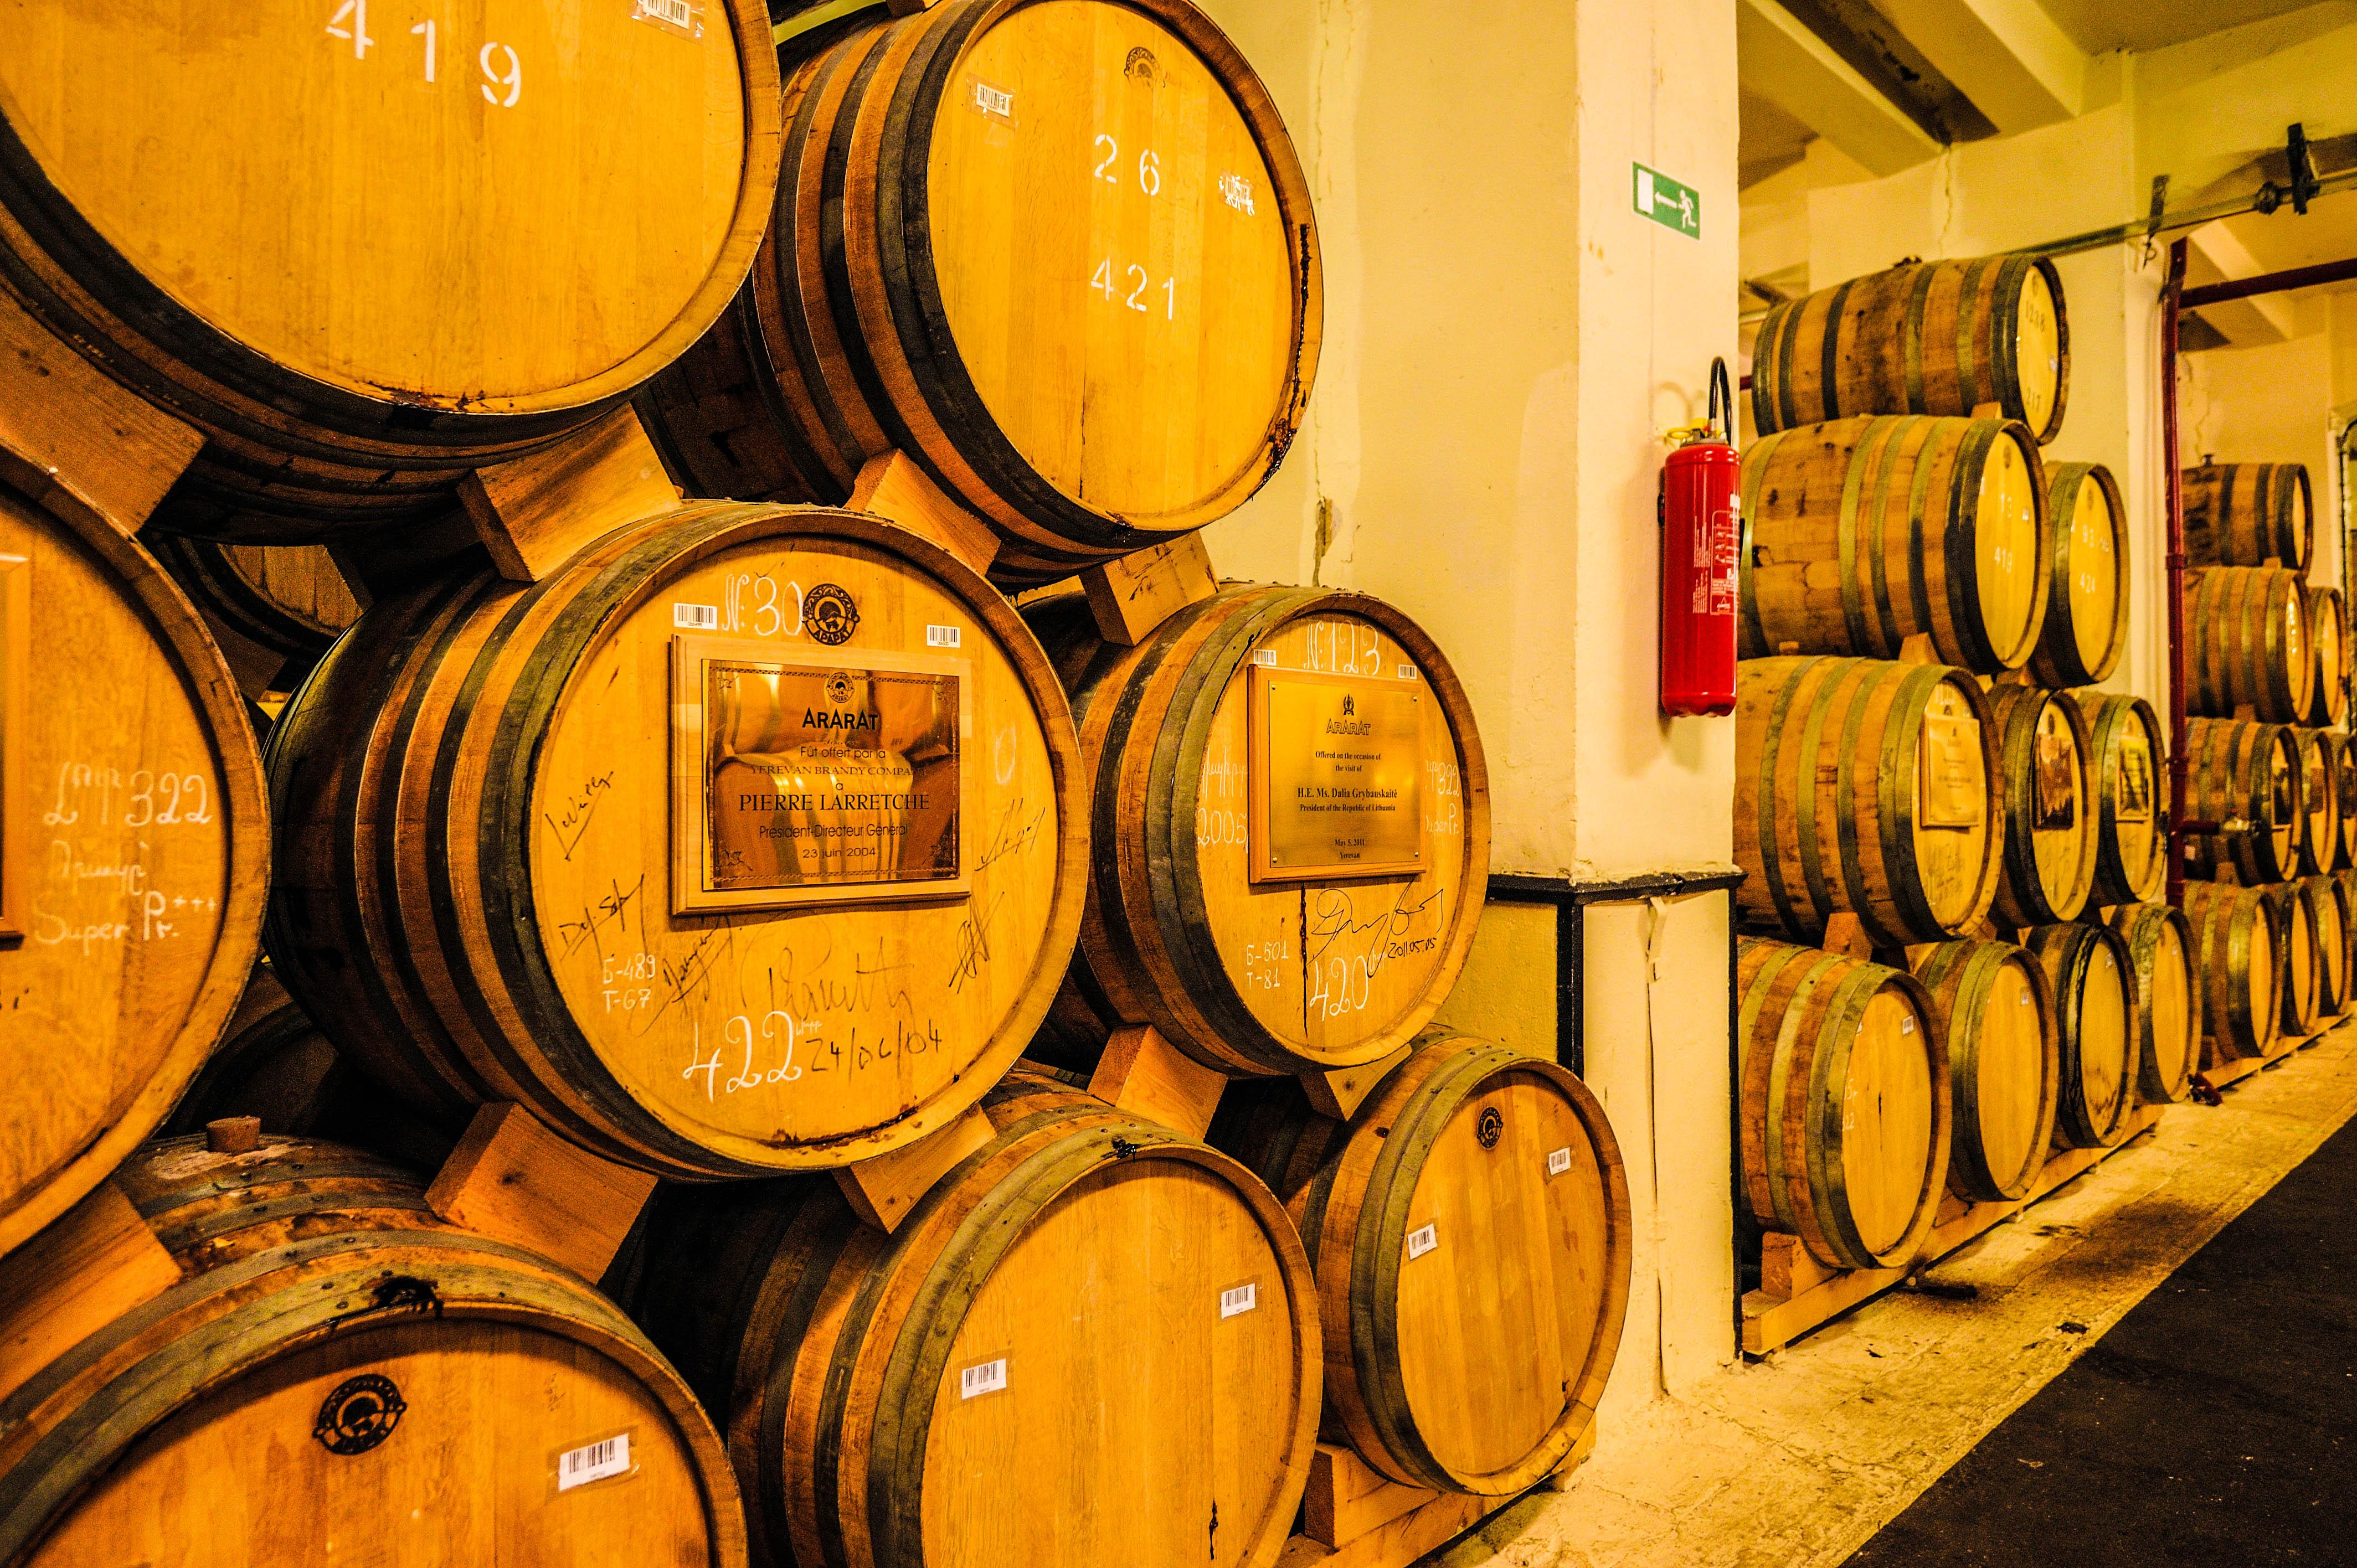 barrels named